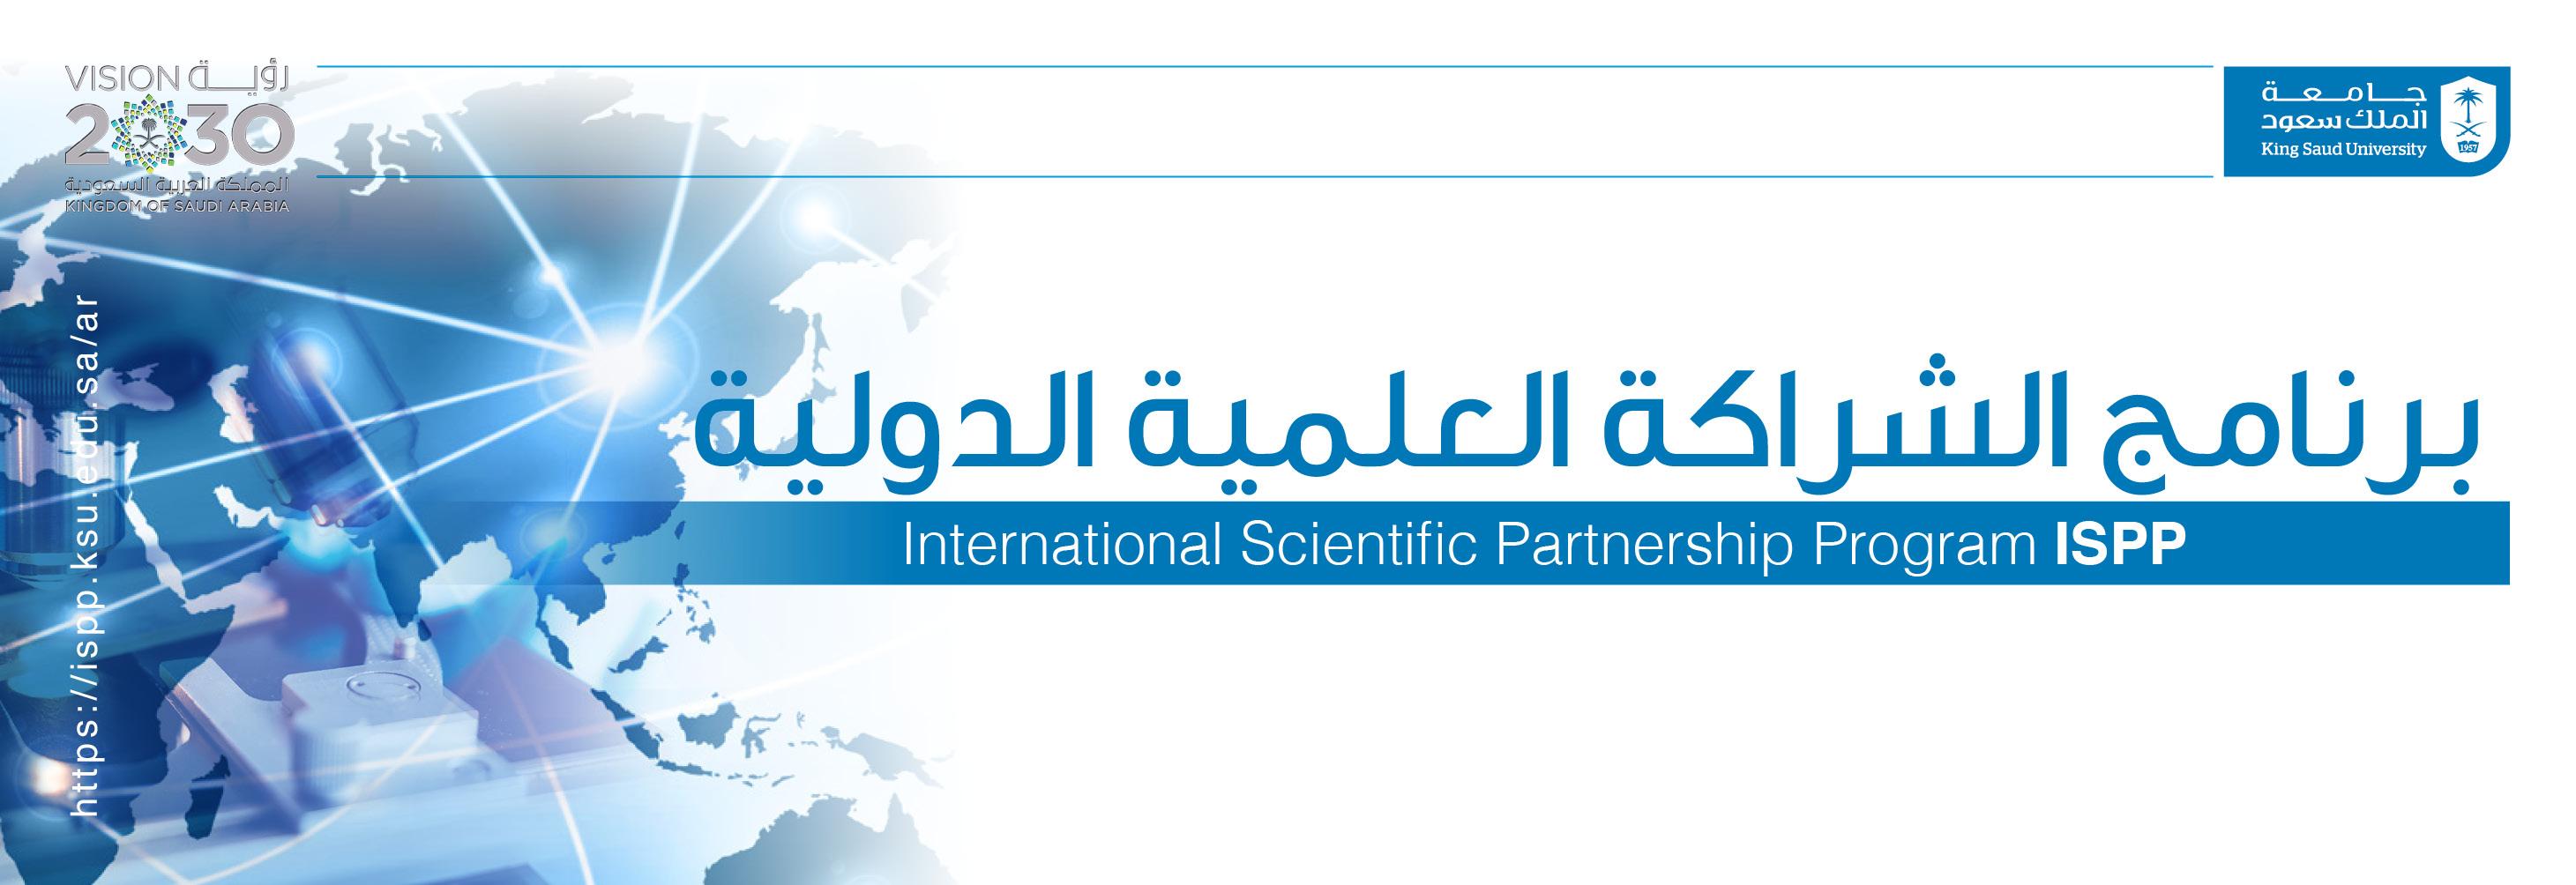 برنامج الشراكة العلمية الدولية - يهدف البرنامج الى الاسهام...